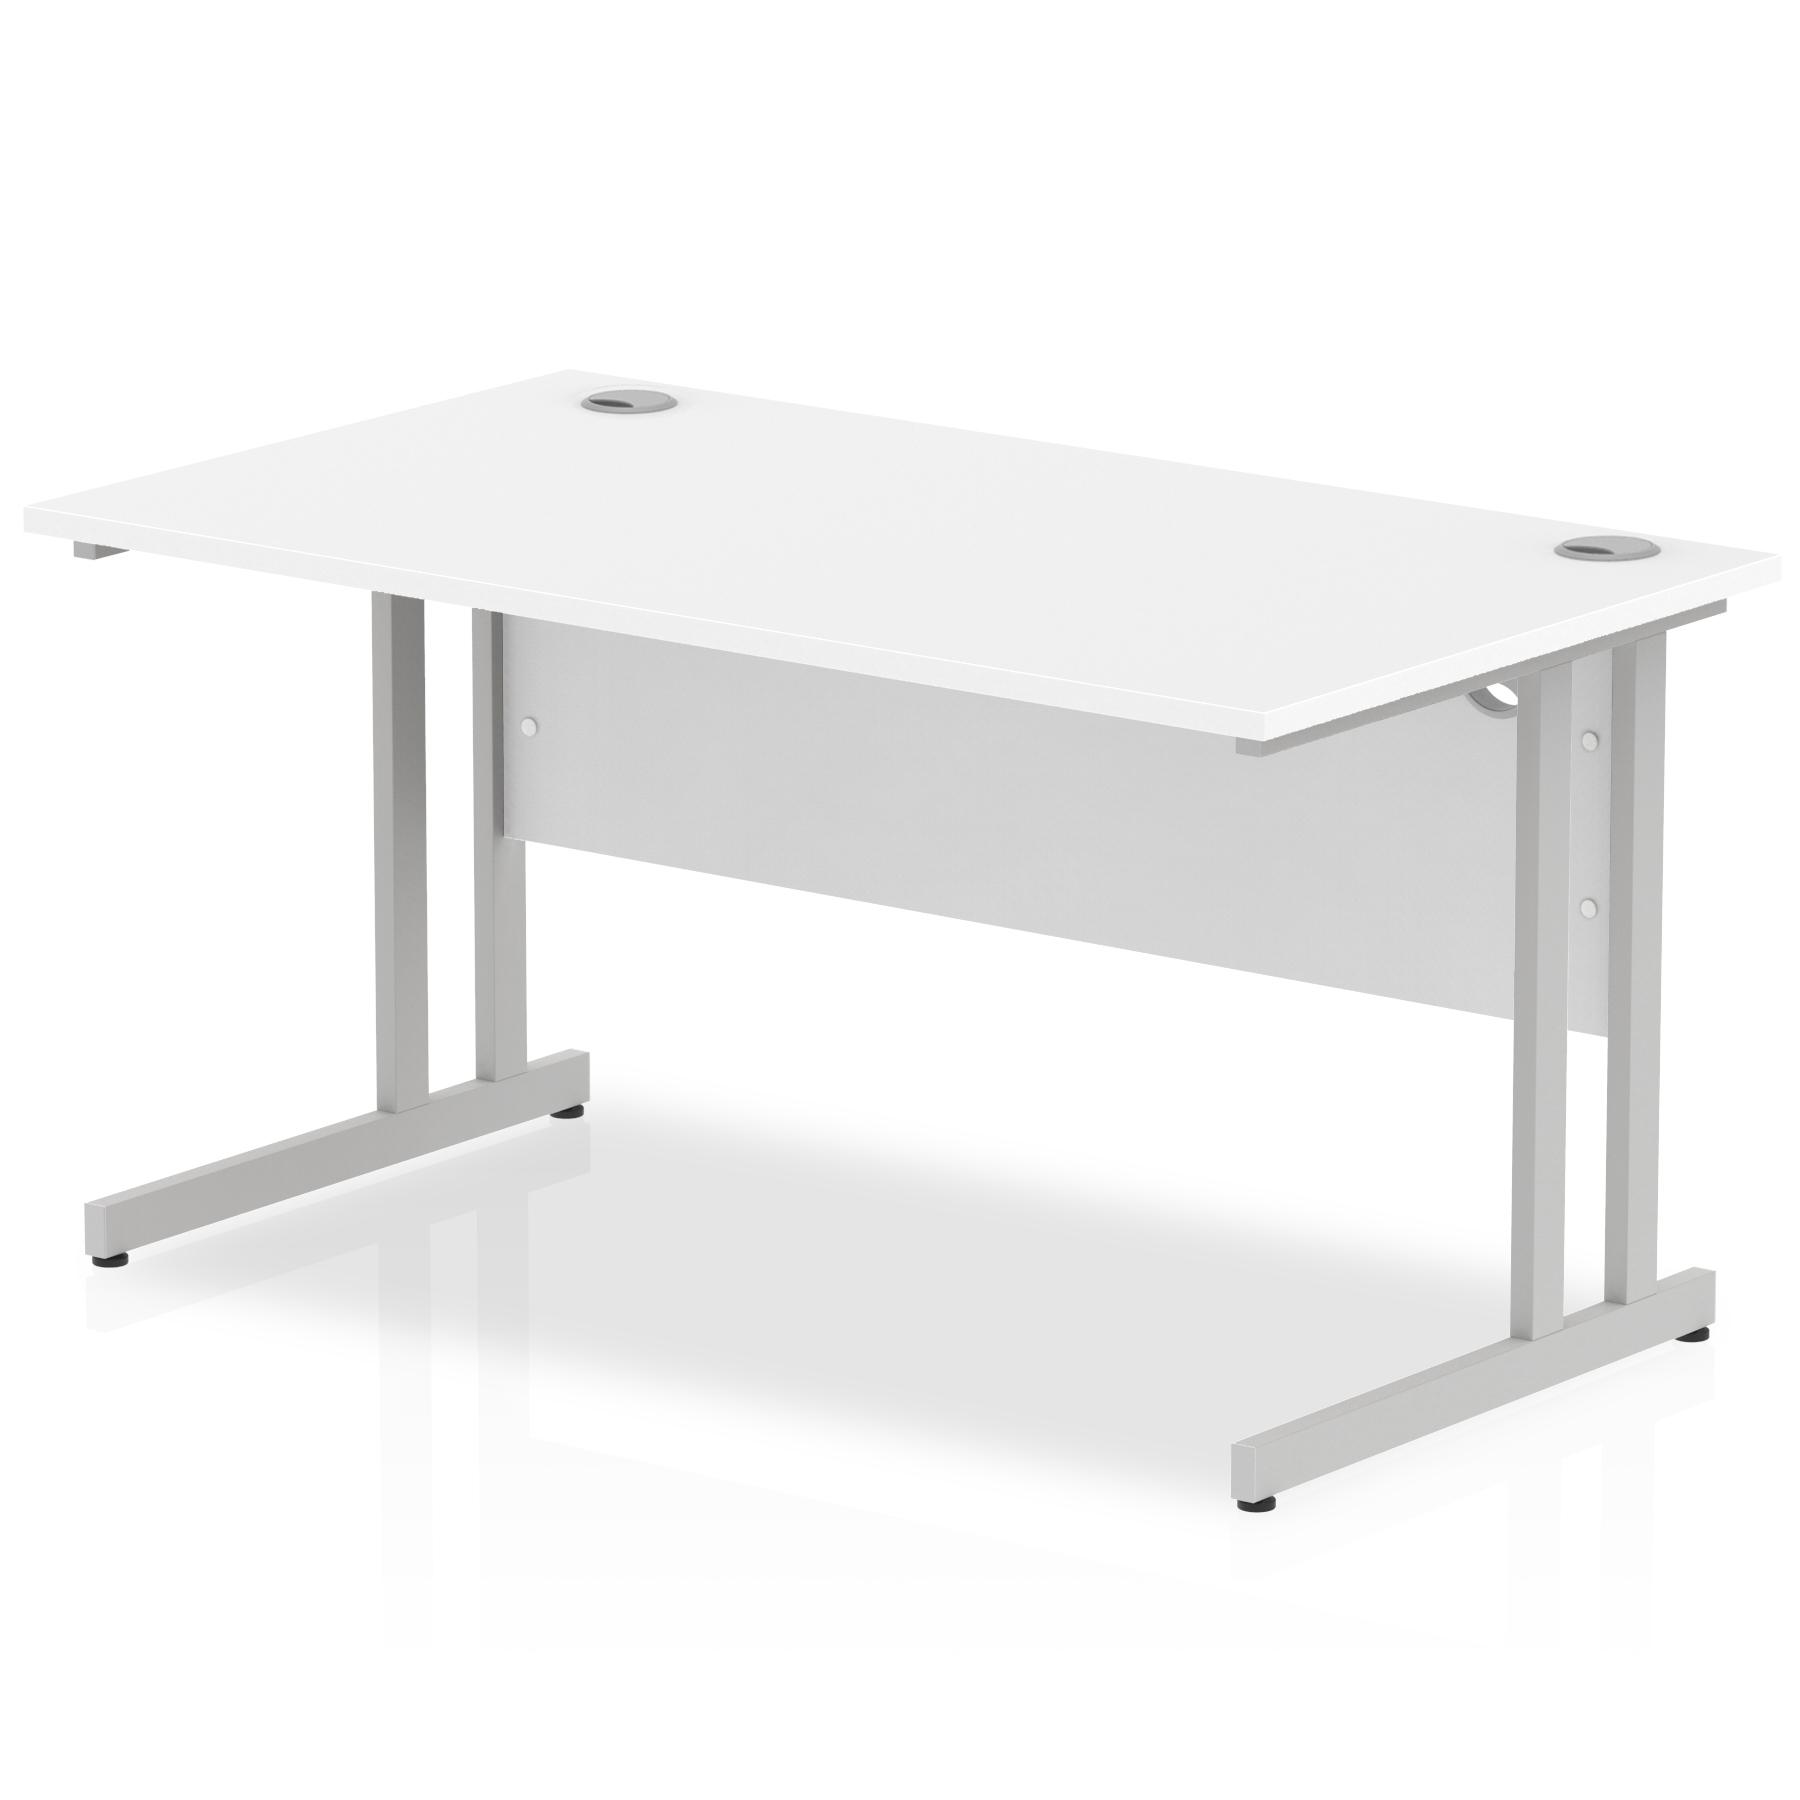 Rectangular Desks Impulse 1400 x 800mm Straight Desk White Top Silver Cantilever Leg I000306